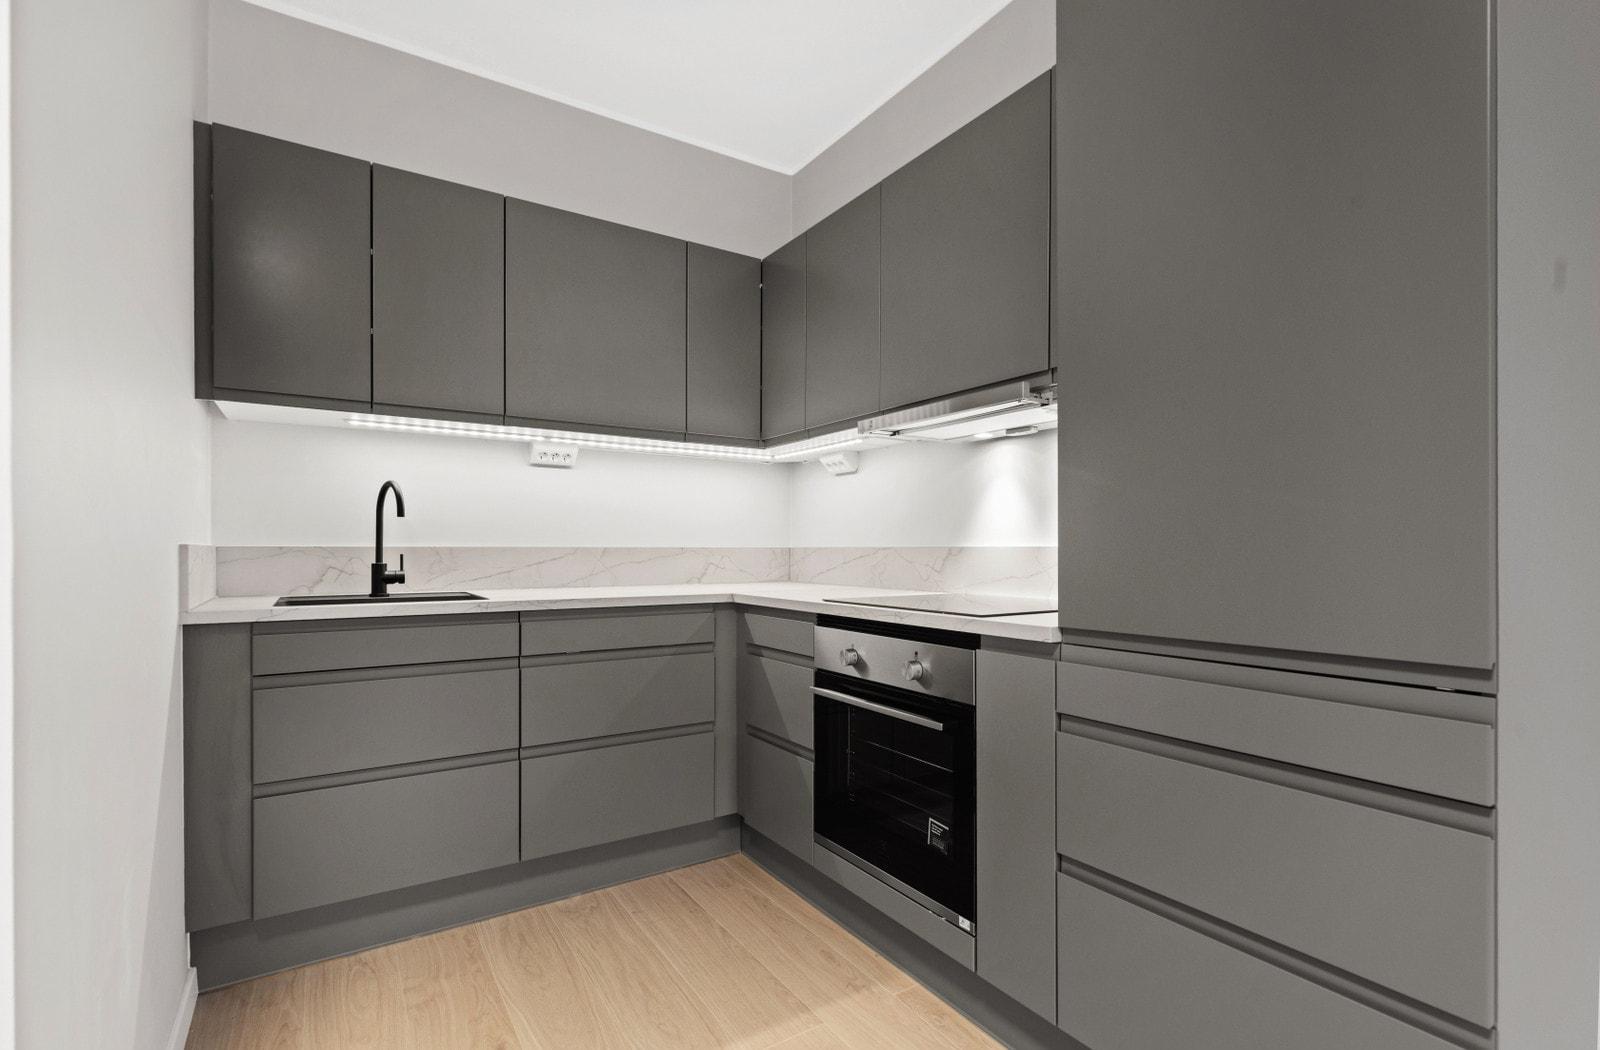 Kjøkken (bilder av lik leilighet i 5 etasje)